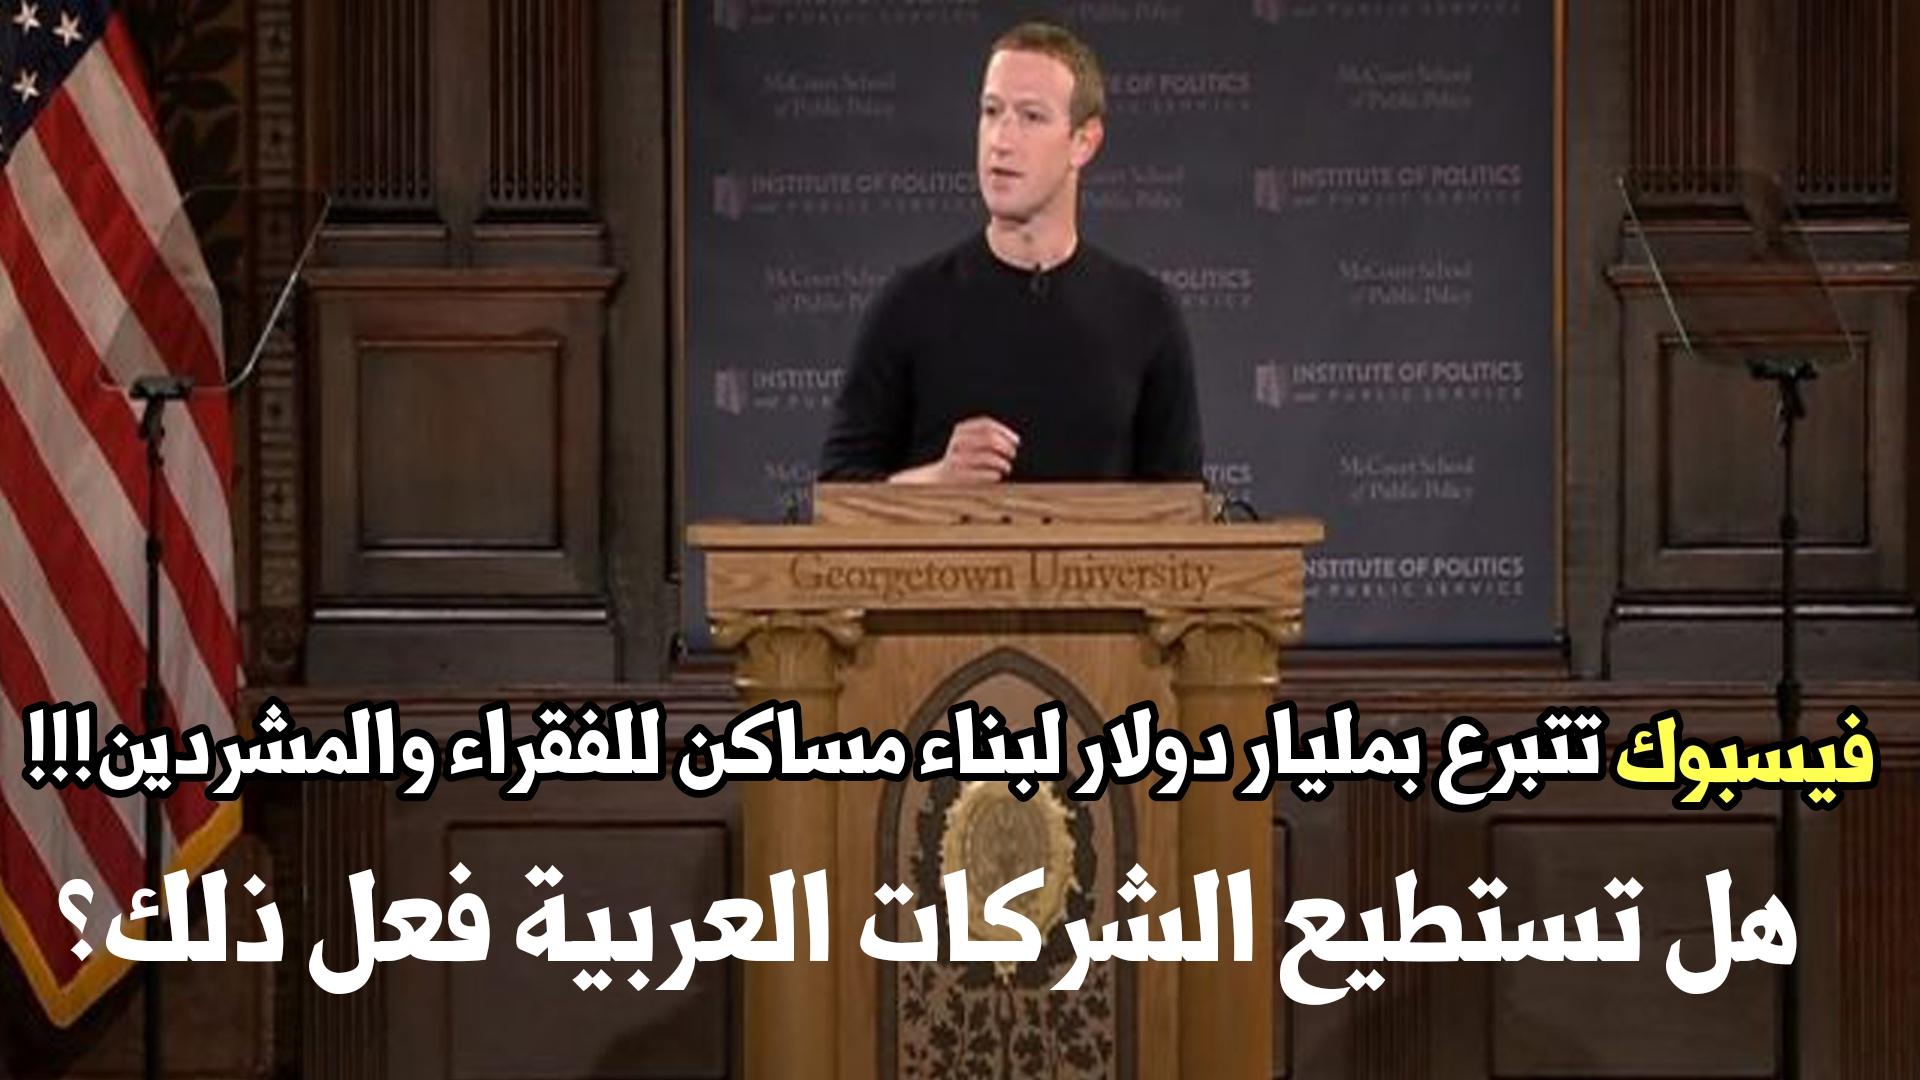 فيسبوك تتبرع بمليار دولار لبناء منازل للفقراء والمشردين !!! هل الشركات العربية تستطيع فعل ذلك؟